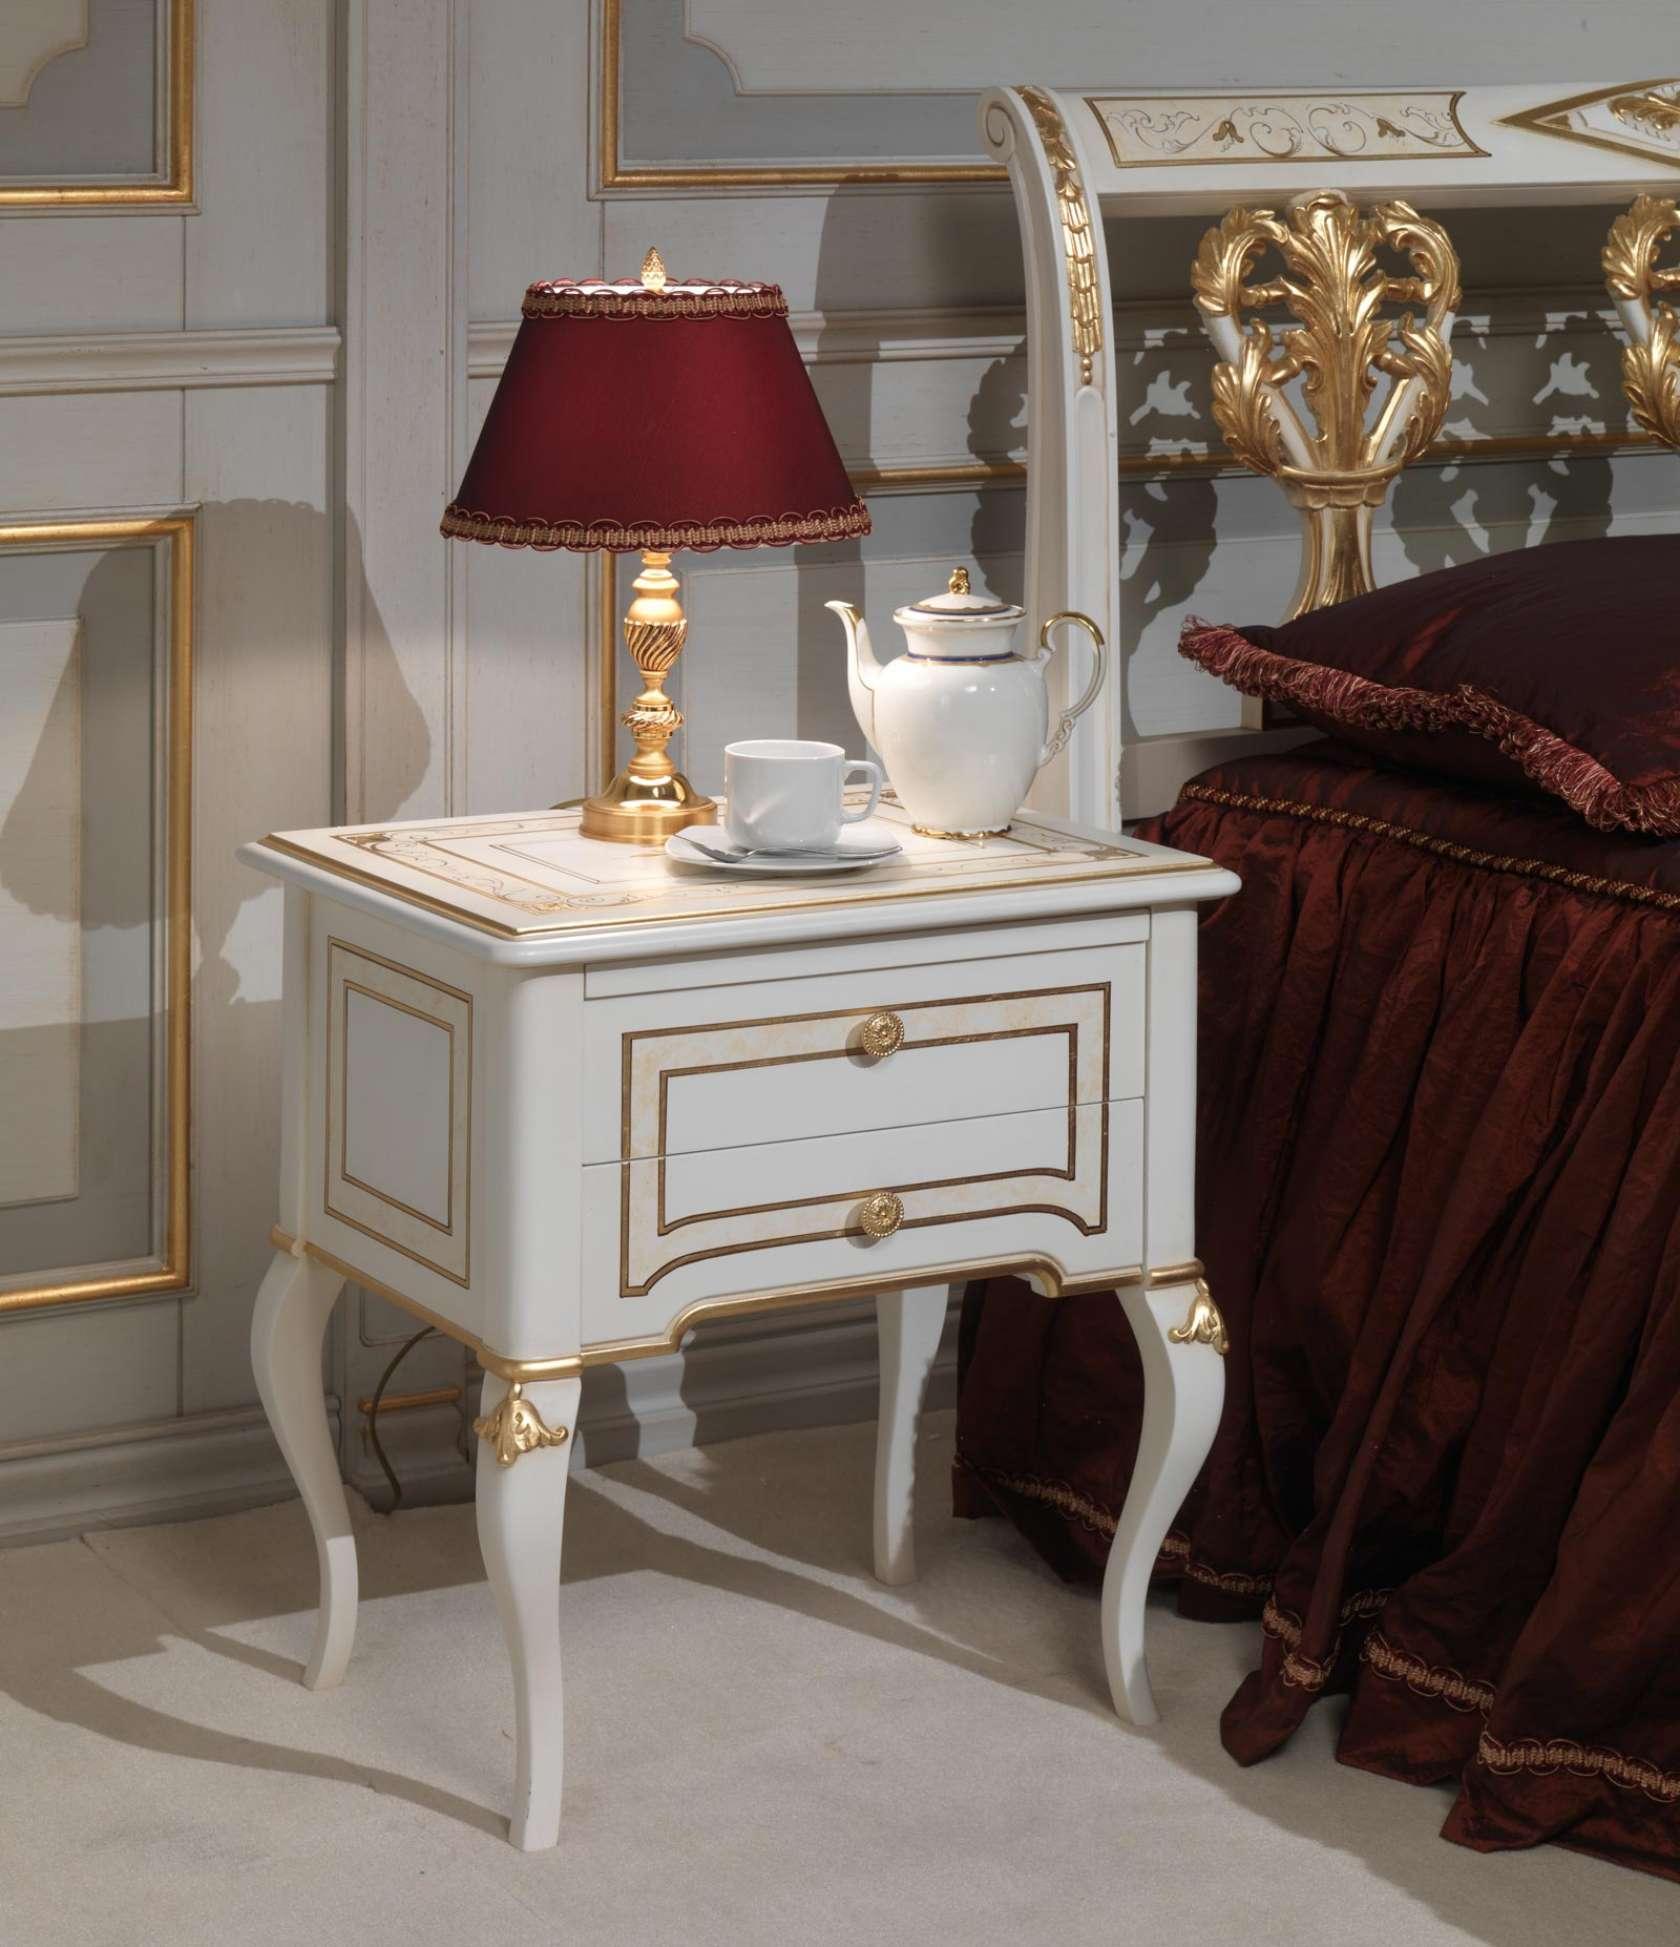 Camera da letto classica rubens in stile 700 francese - Camera da letto in francese ...